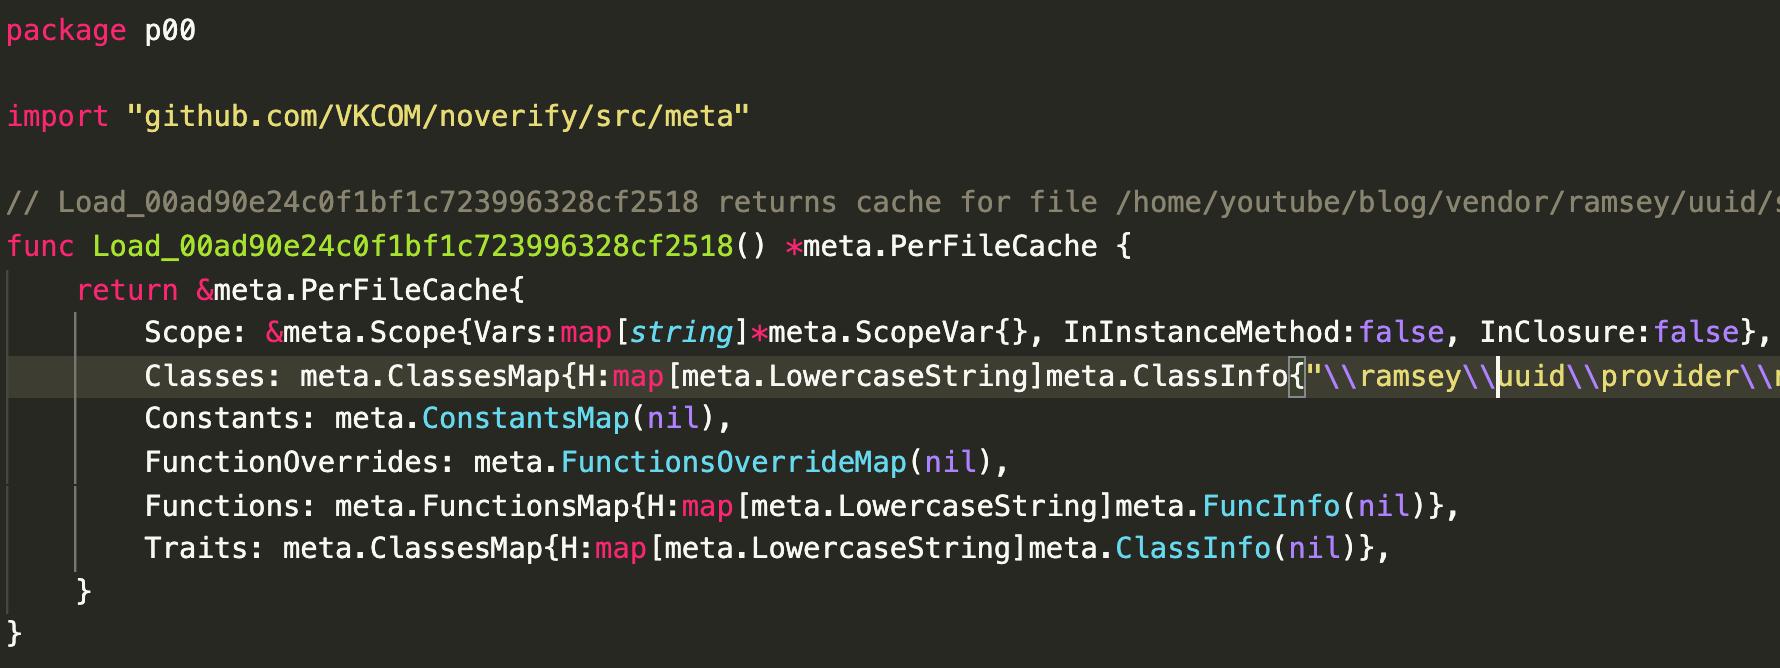 пример сгенерированного кода